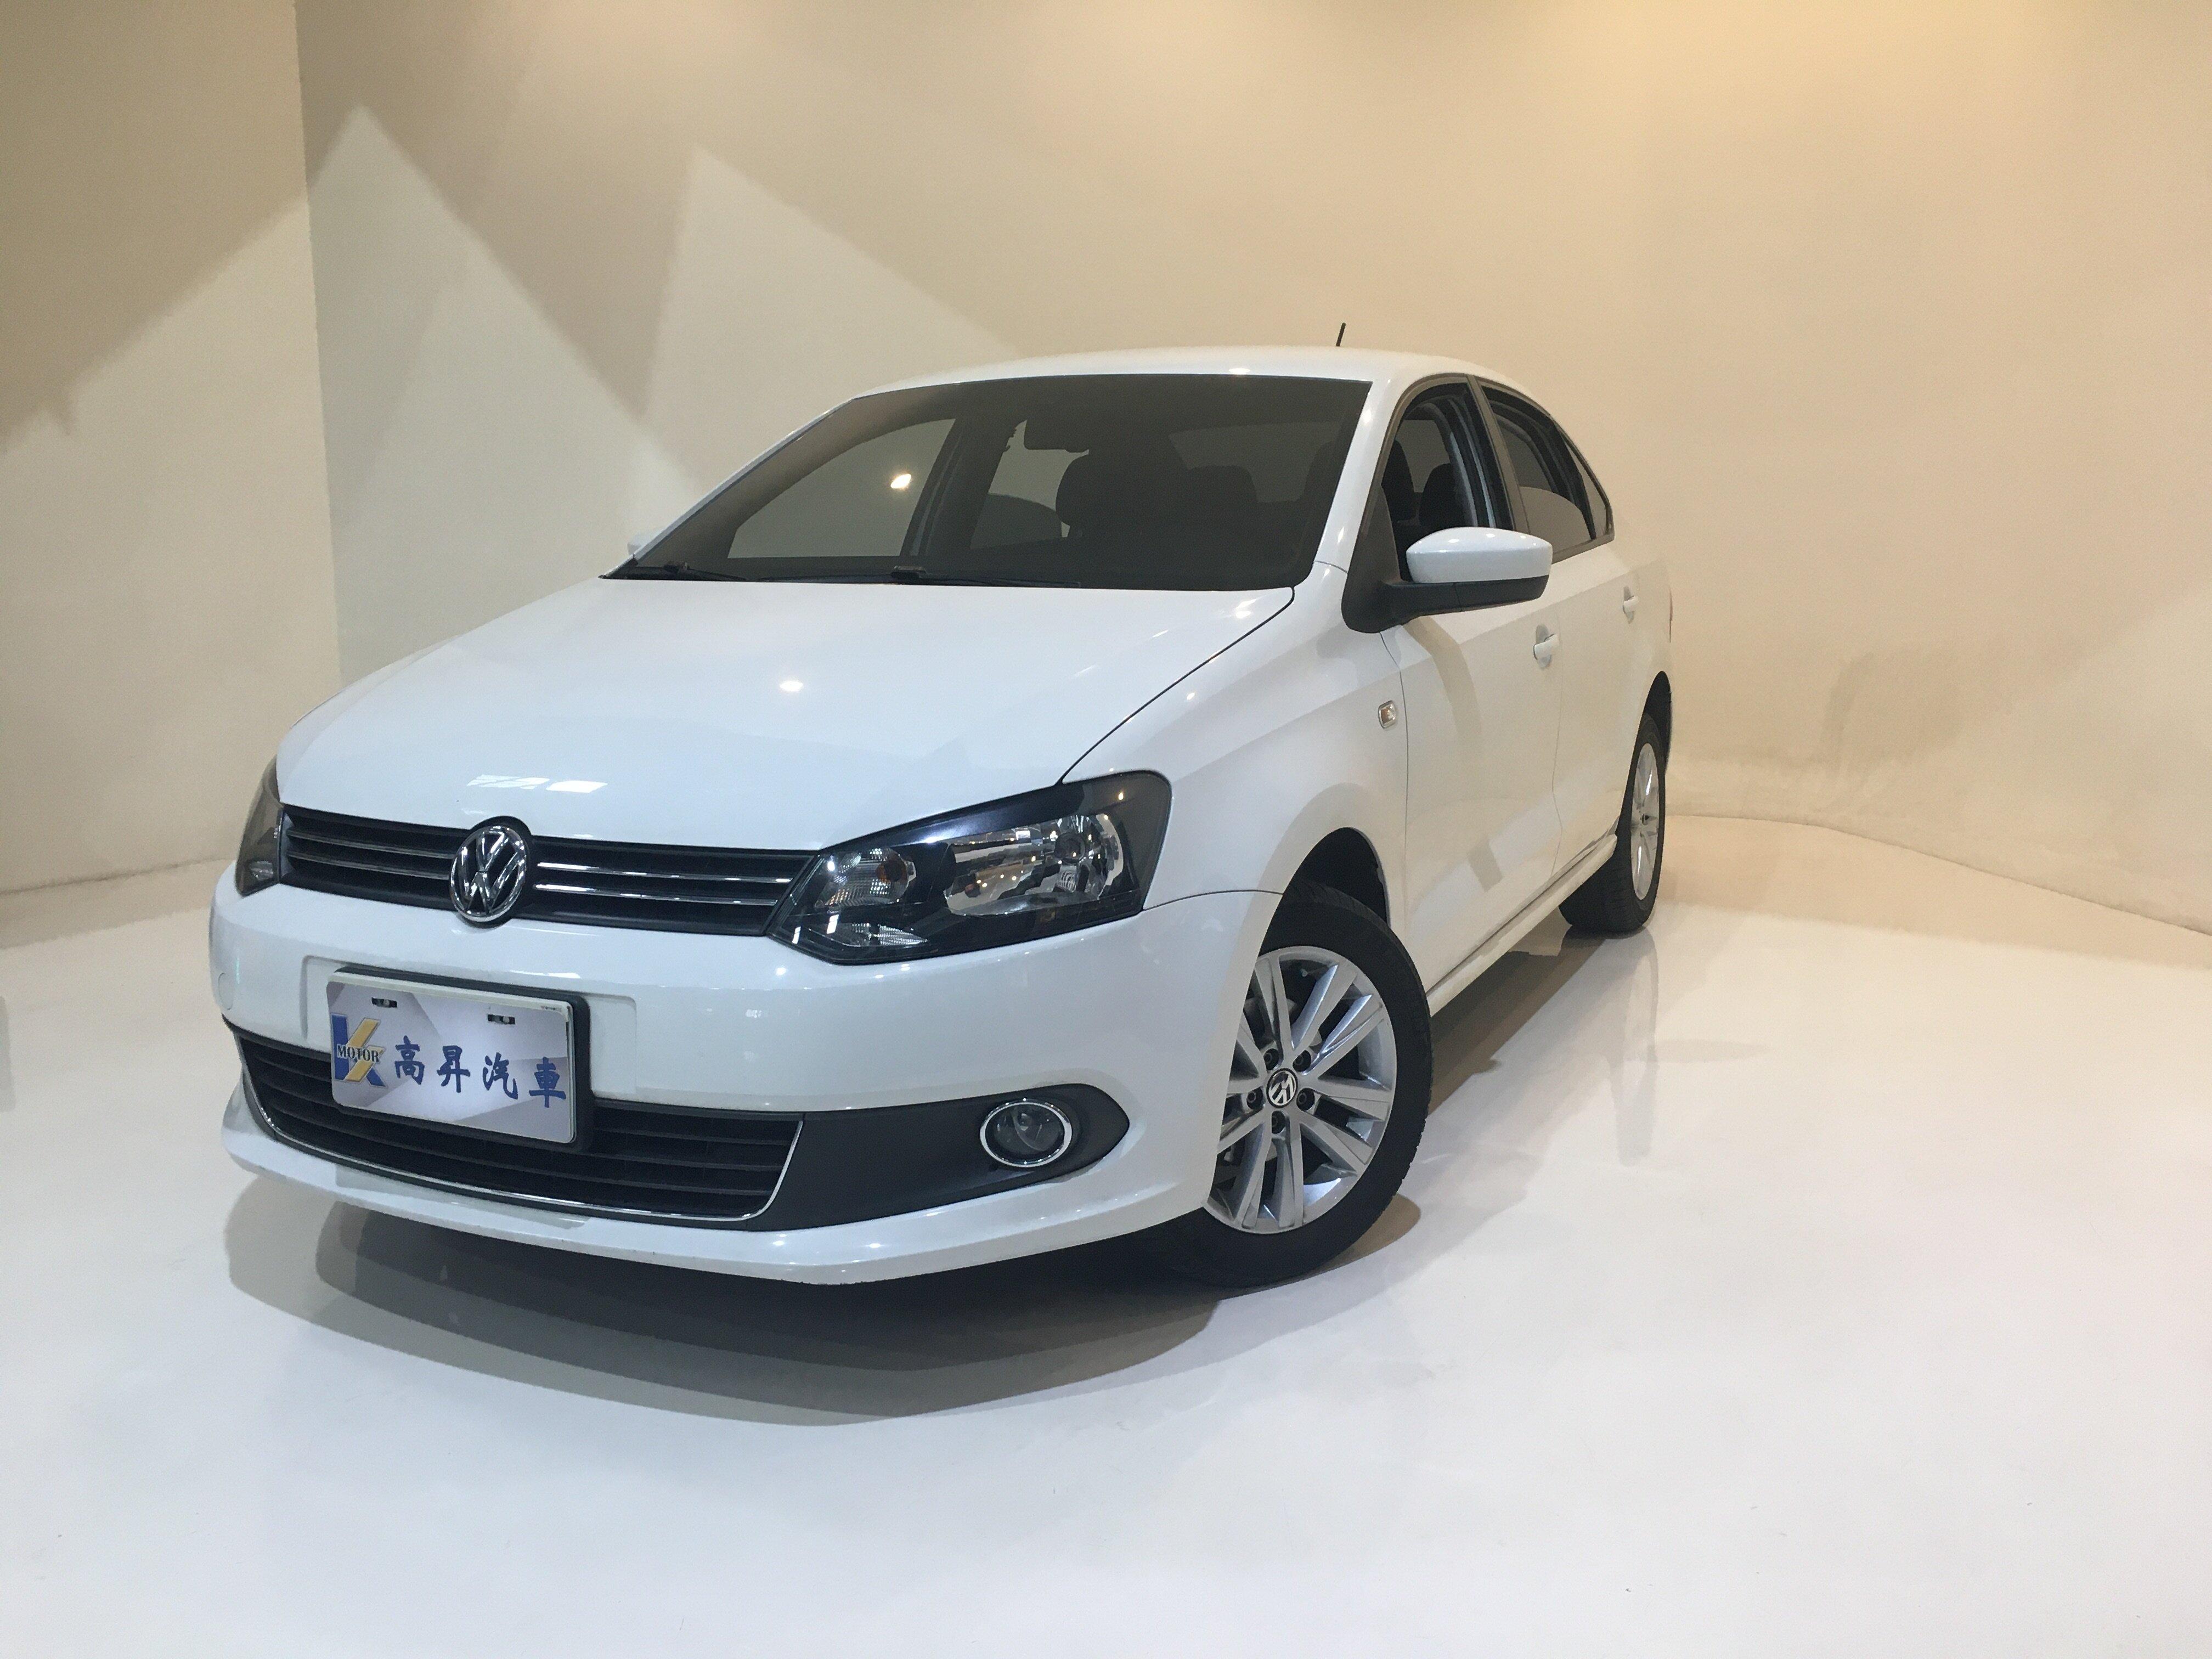 2014 Volkswagen 福斯 Vento